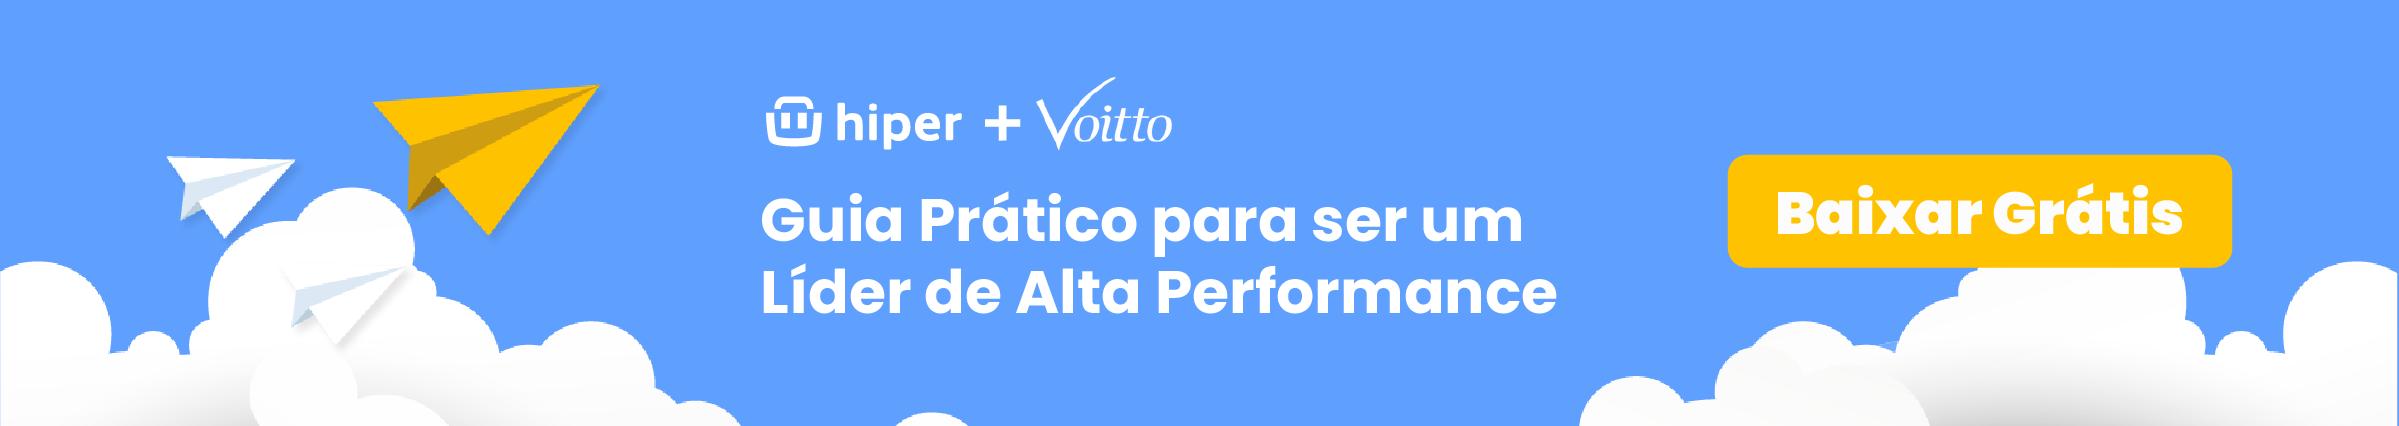 """Banner para download gratuito do e-book """"Guia Prático para uma Liderança de alta performance"""""""